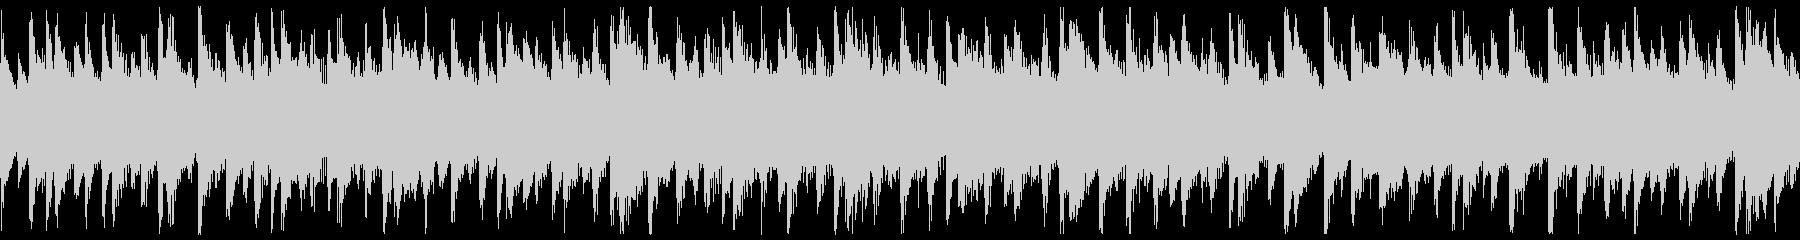 西アフリカ リュート型弦楽器 アップ2の未再生の波形